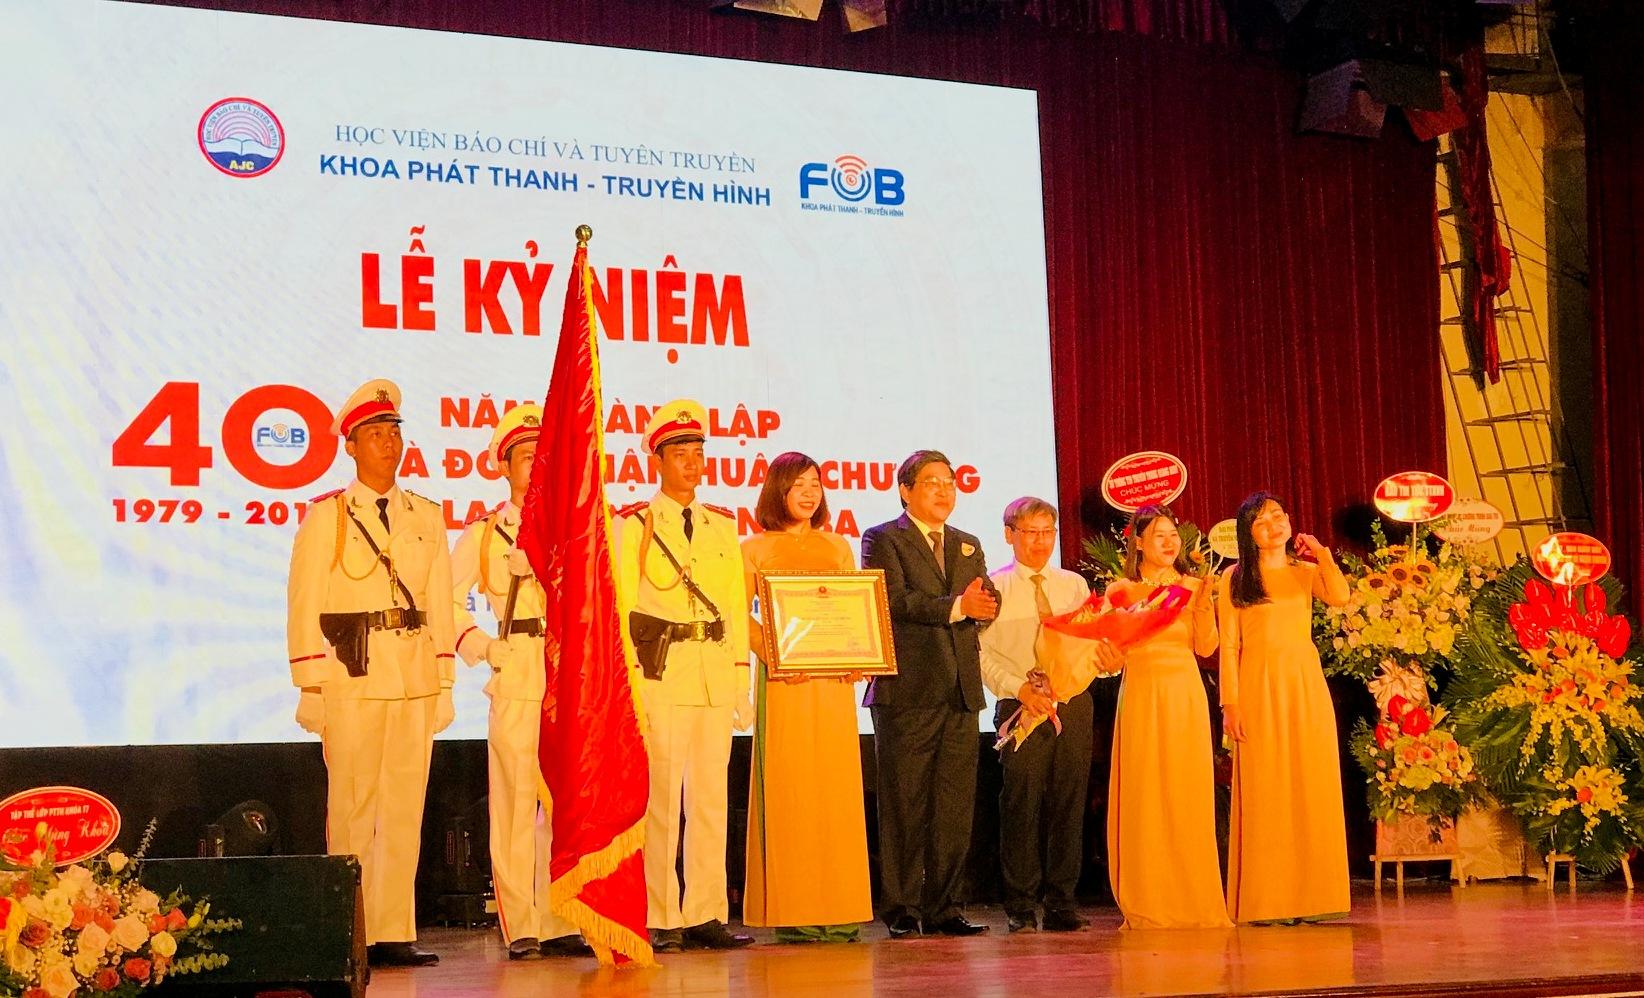 Khoa Phát thanh-Truyền hình đón nhận Huân chương Lao động hạng Ba